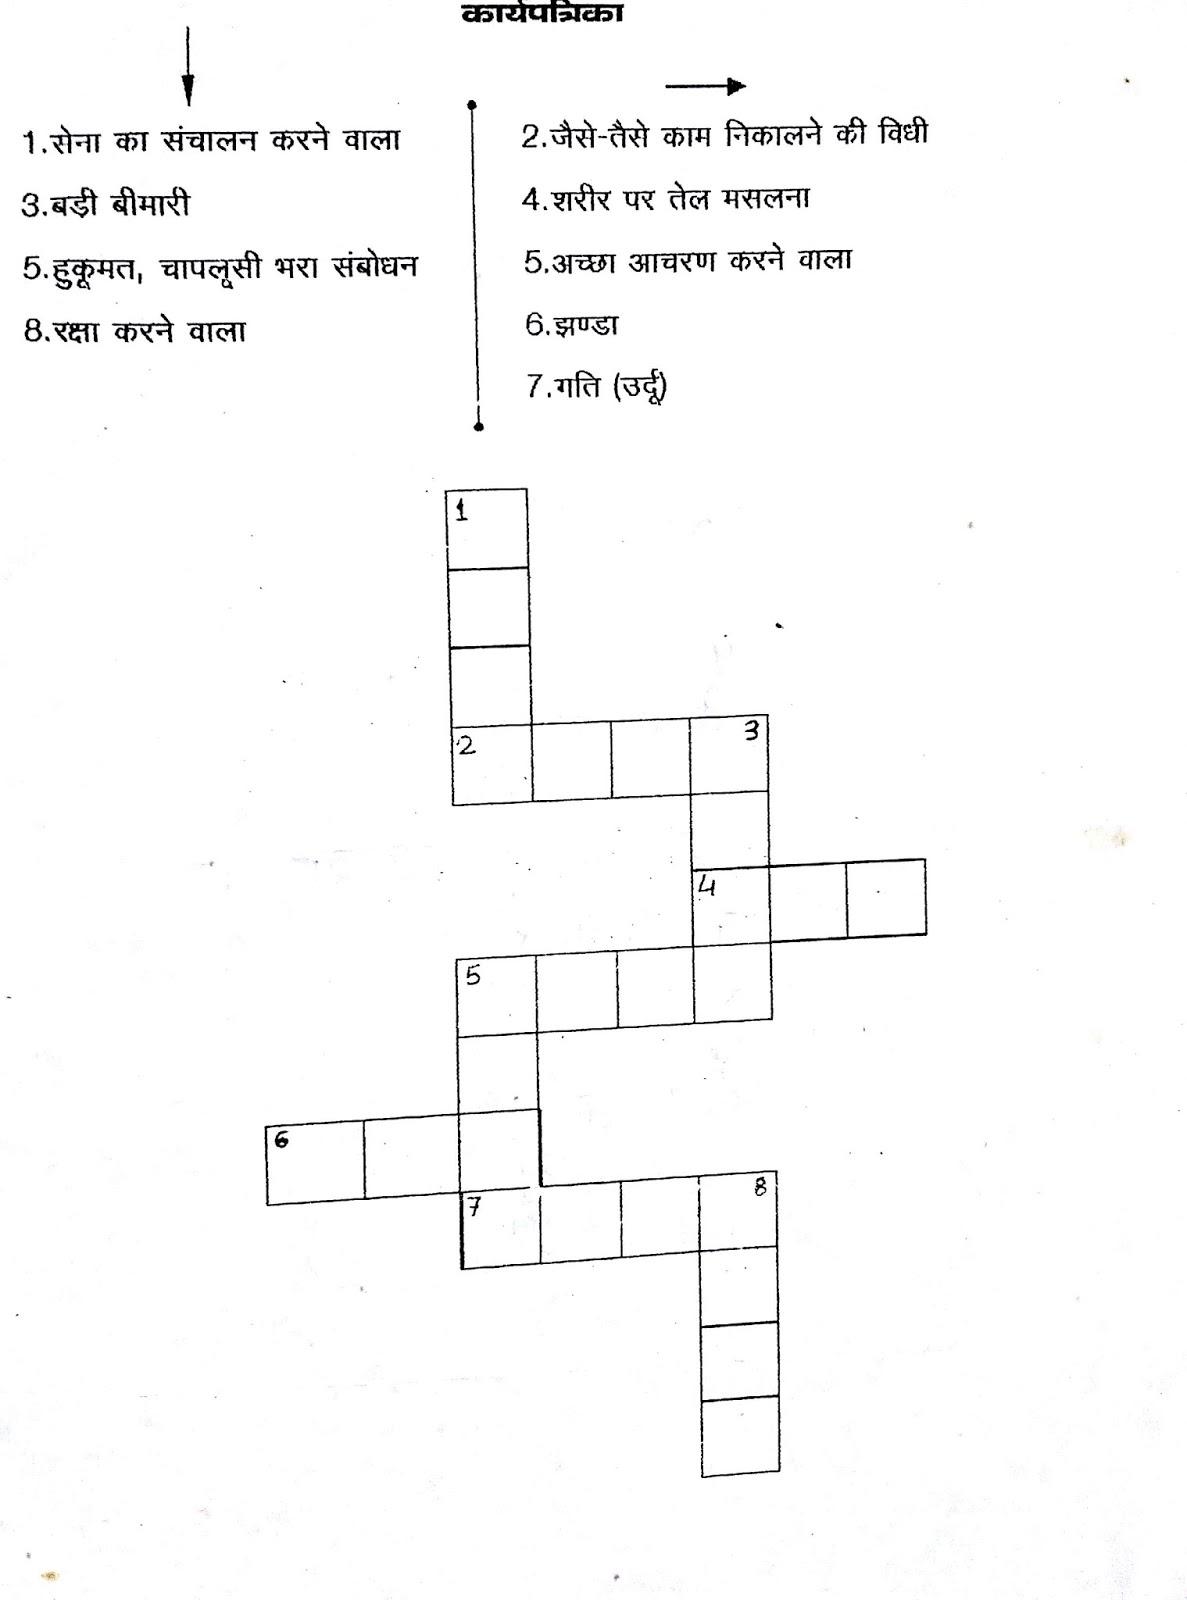 Hindi ka ras lo november 2016 hindi ka ras lo ccuart Choice Image